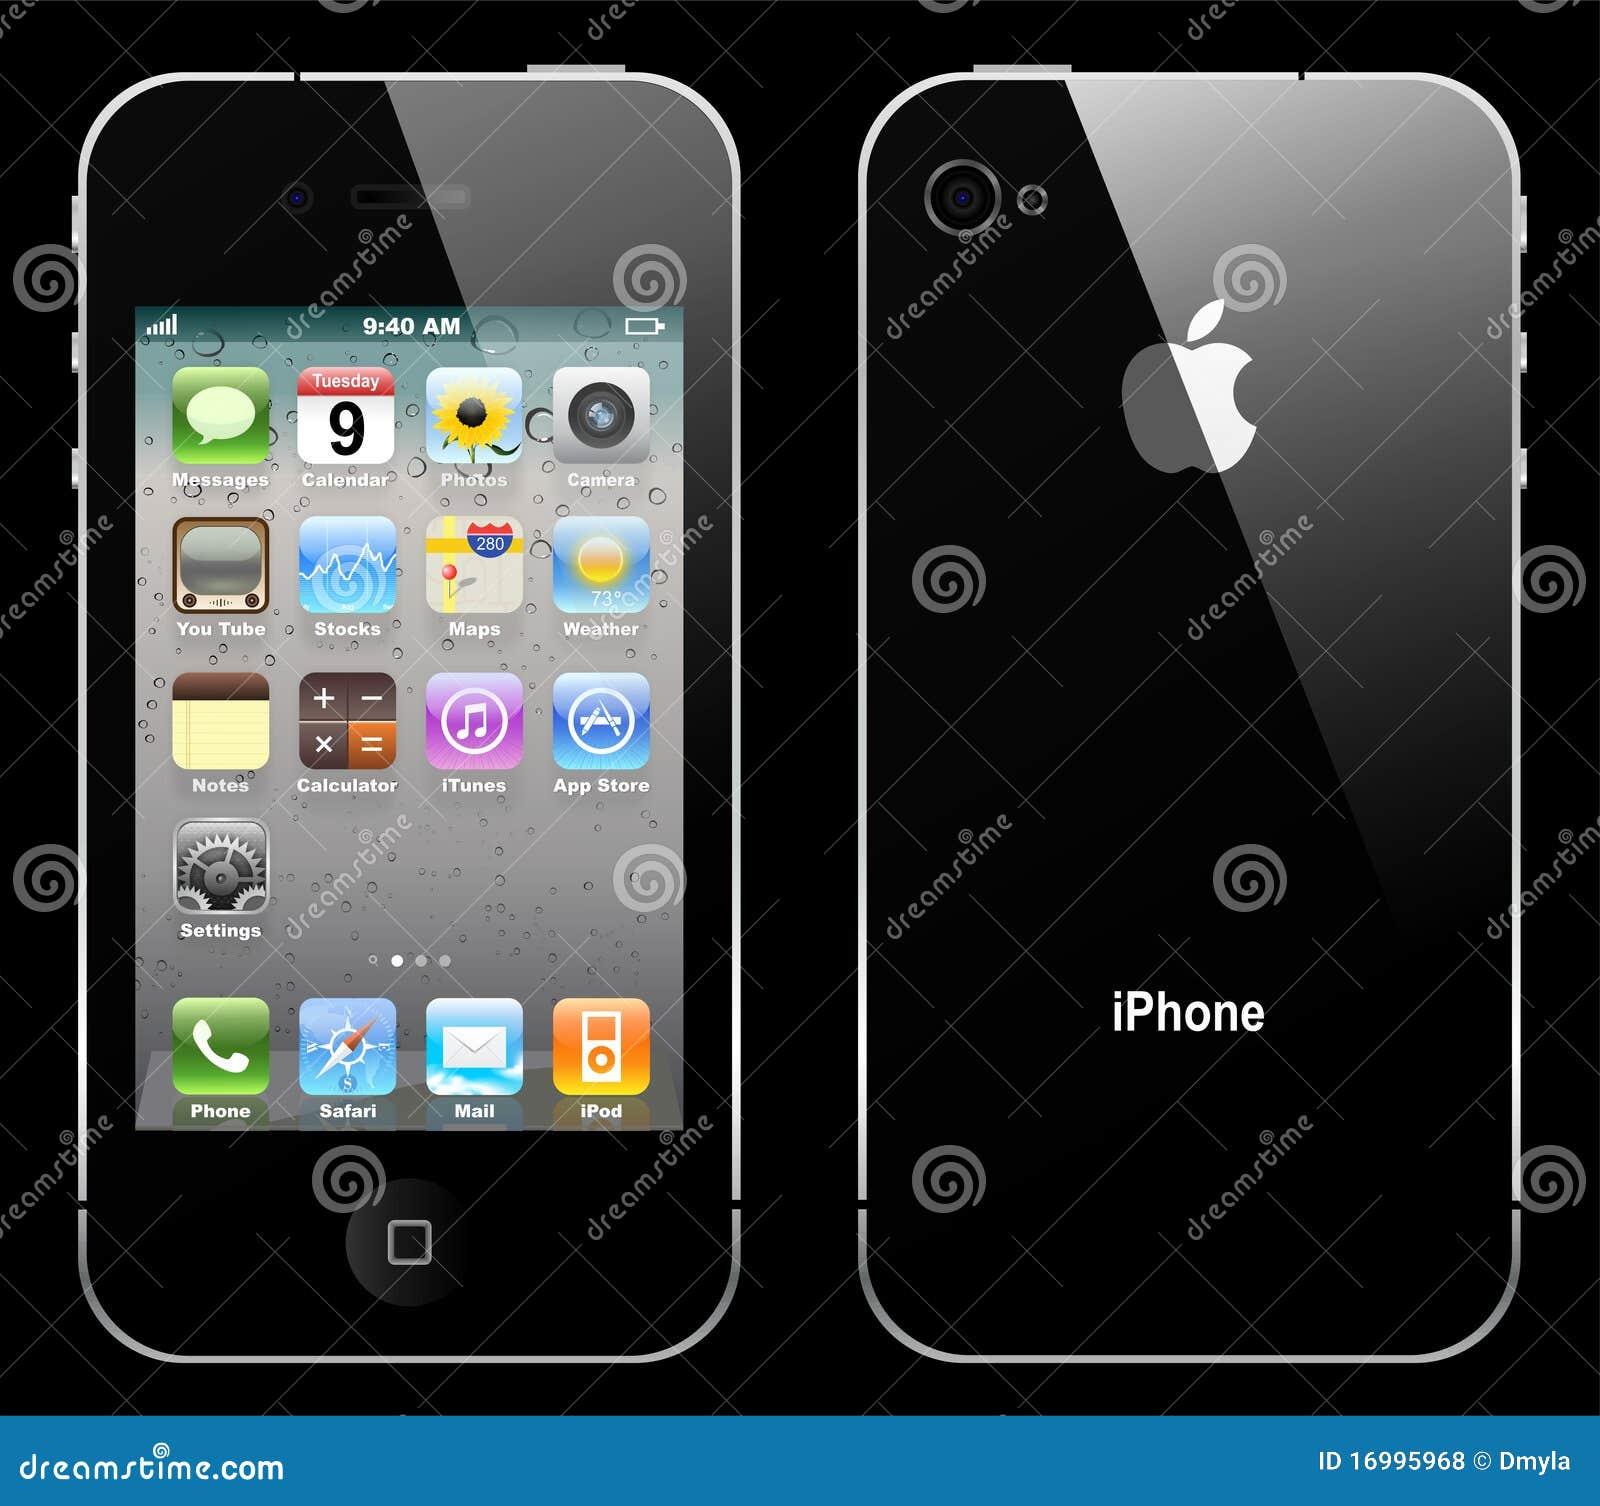 Vector iphone4